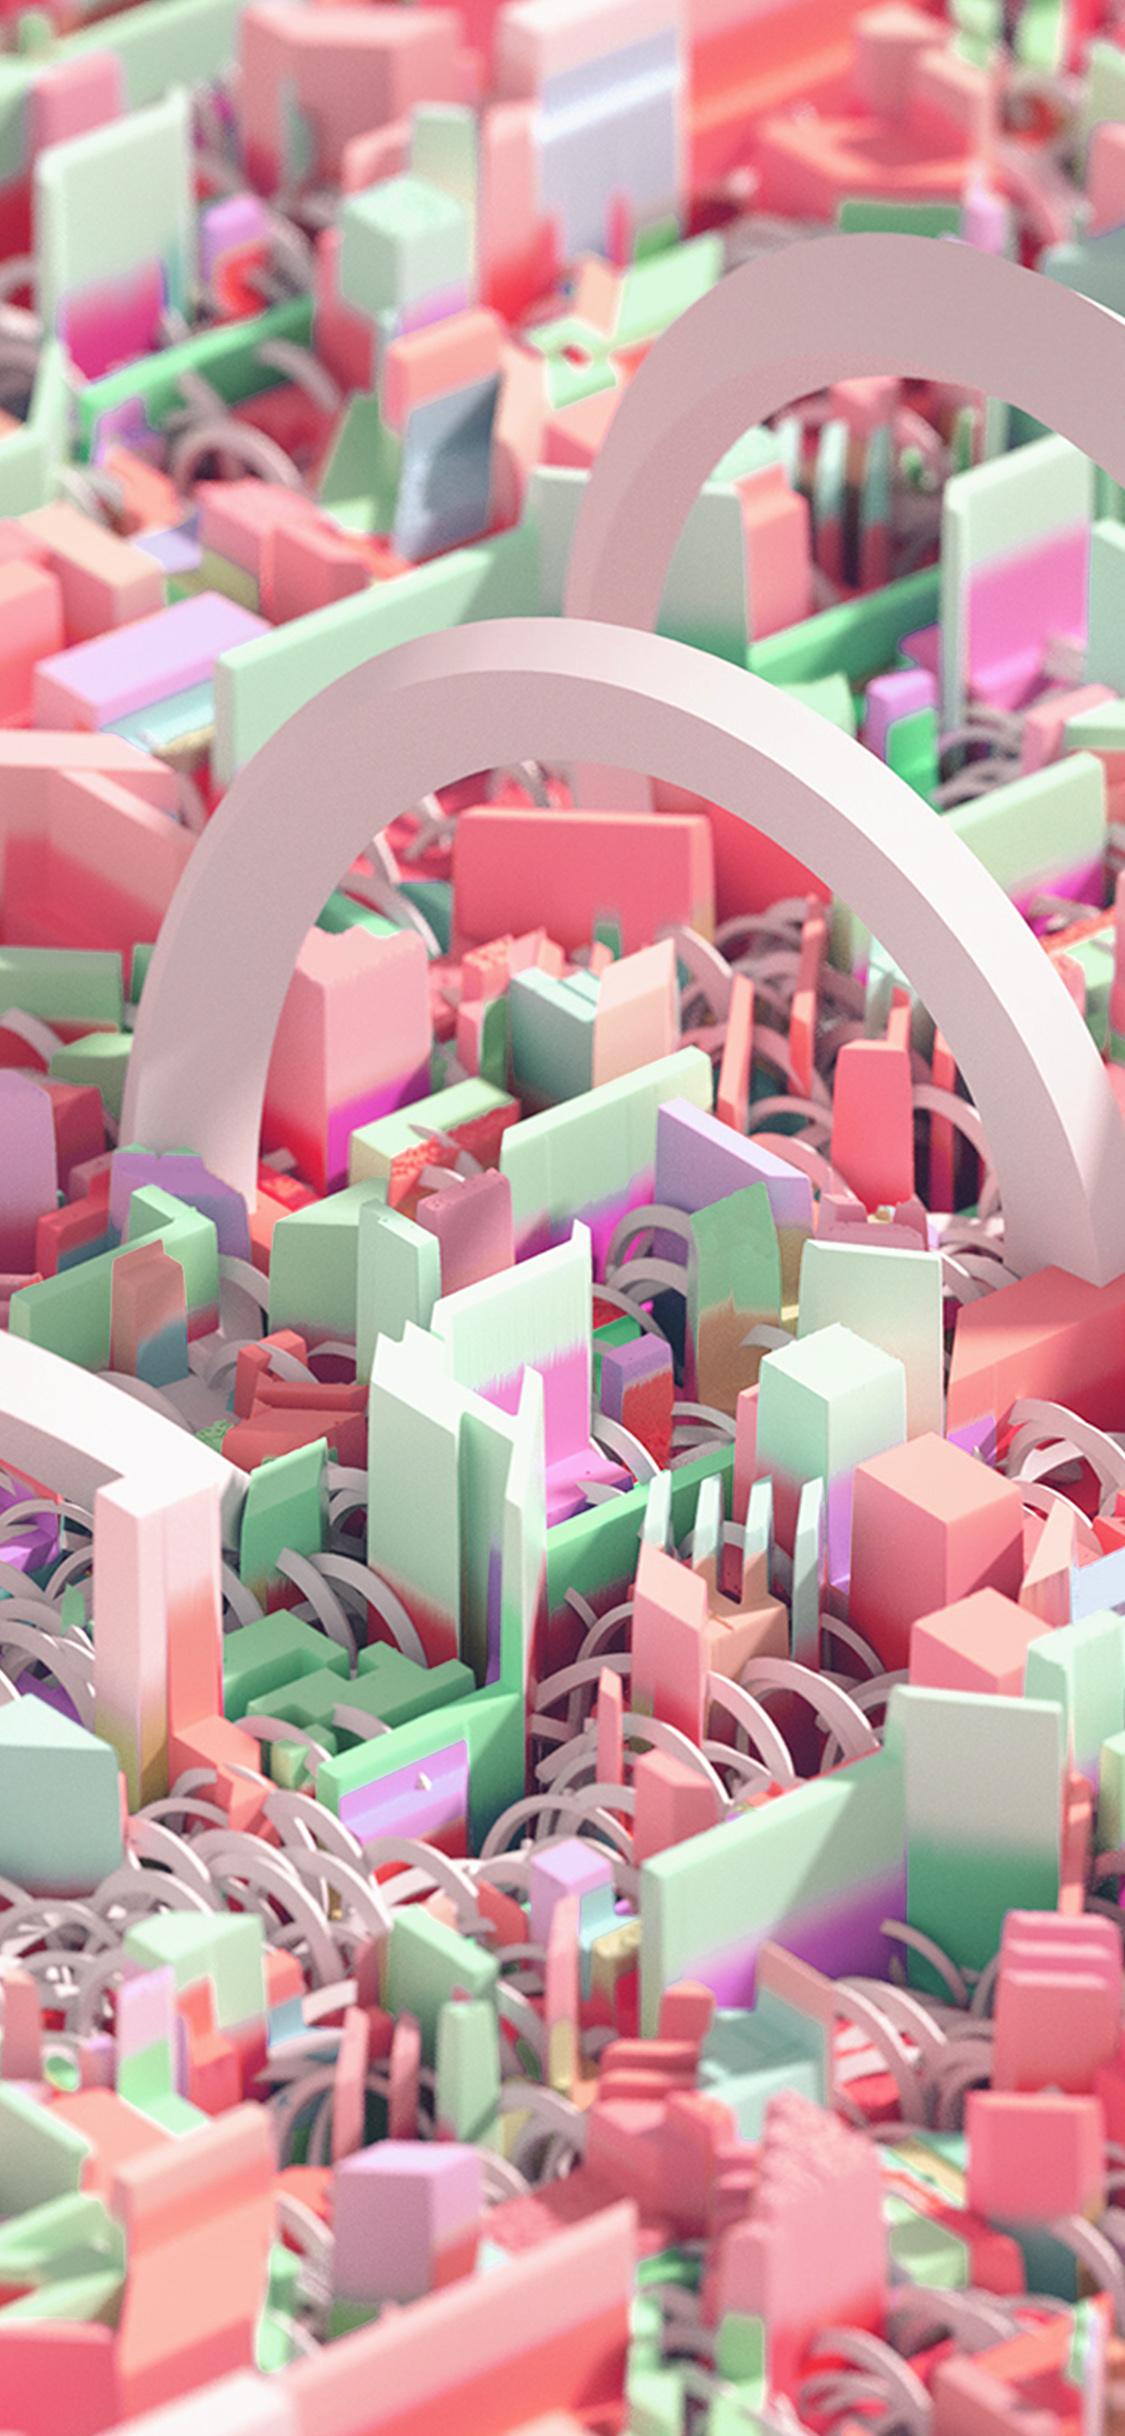 Iphonexpapers Com Iphone X Wallpaper Vw86 Cute Art